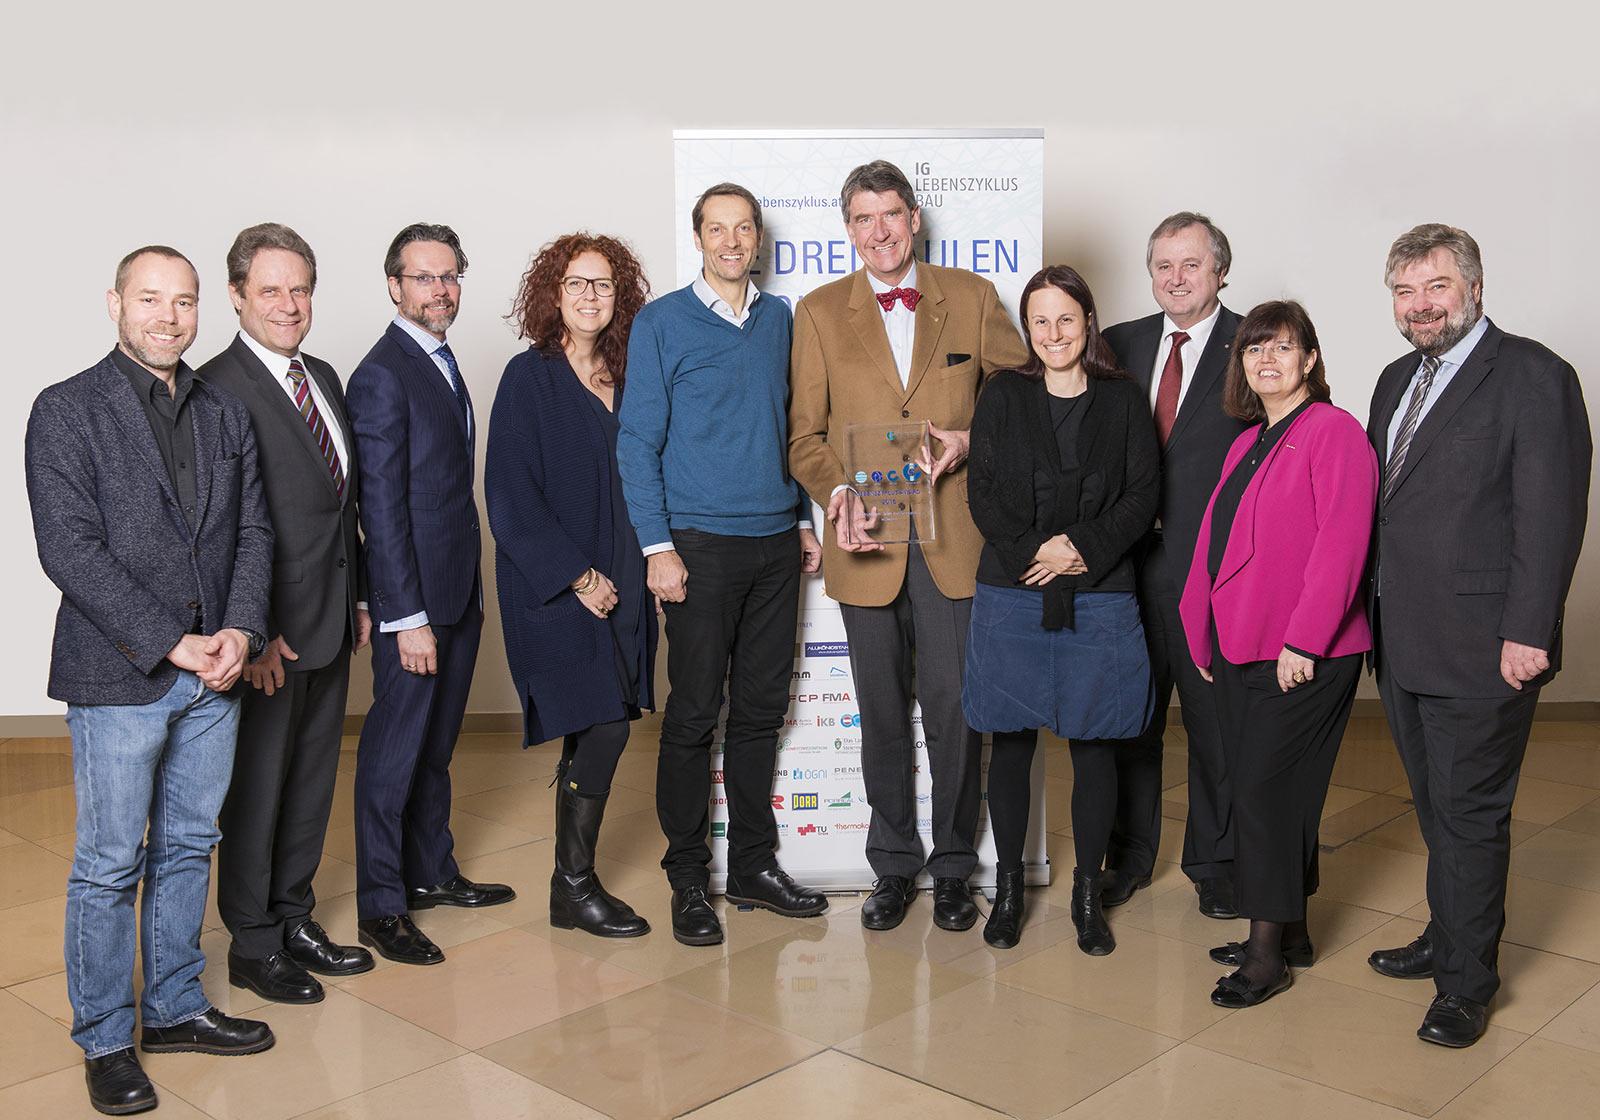 Bewerten erstmals Bauprojekte nach ihrer Organisations-, Kultur- und Prozessqualität – die Jurymitglieder des Lebenszyklus Awards Foto: IG Lebenszyklus Bau/Hagen